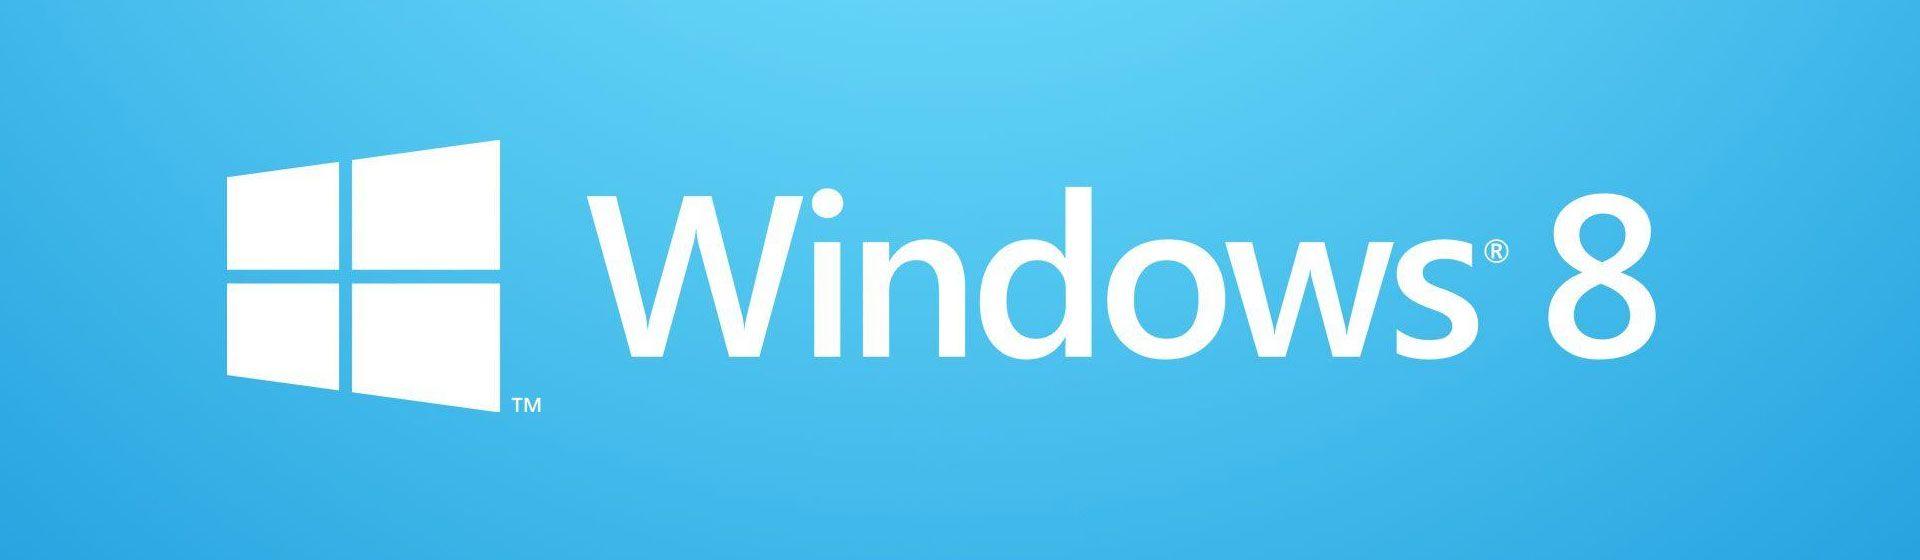 Windows 8 é bom? Saiba mais e veja comparativo com Windows 10